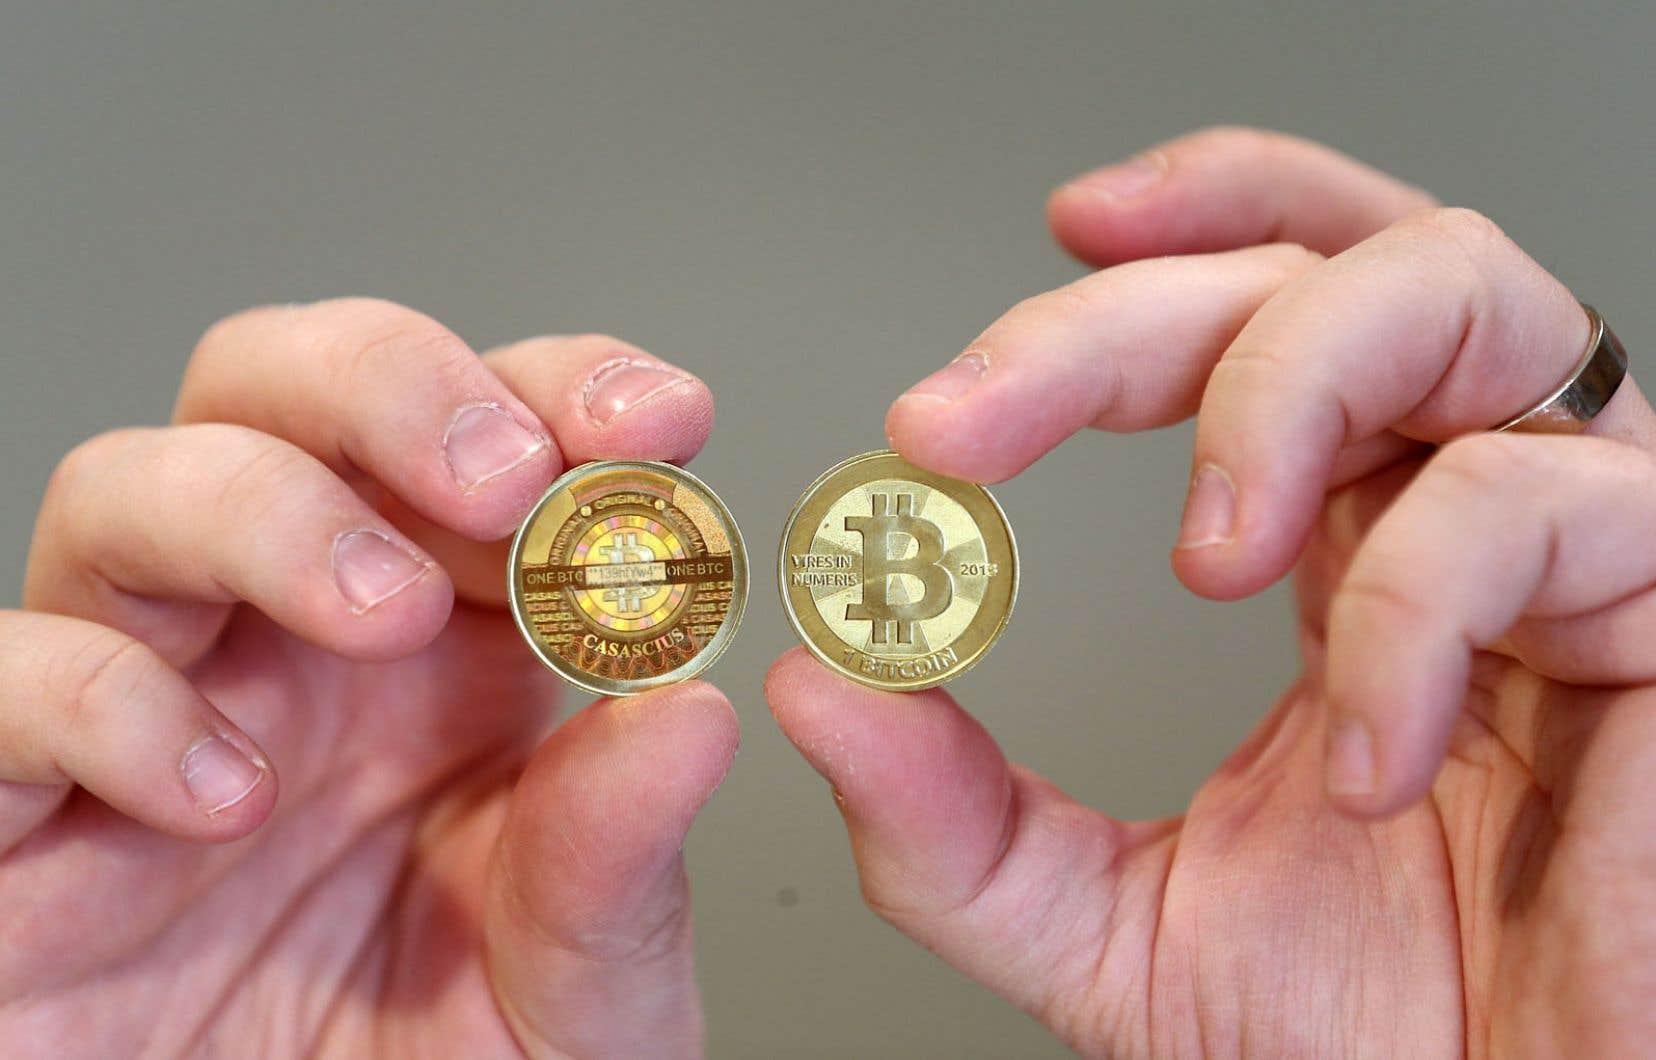 L'univers du bitcoin, monnaie virtuelle qui échappe à l'encadrement des autorités, traverse une nouvelle crise.